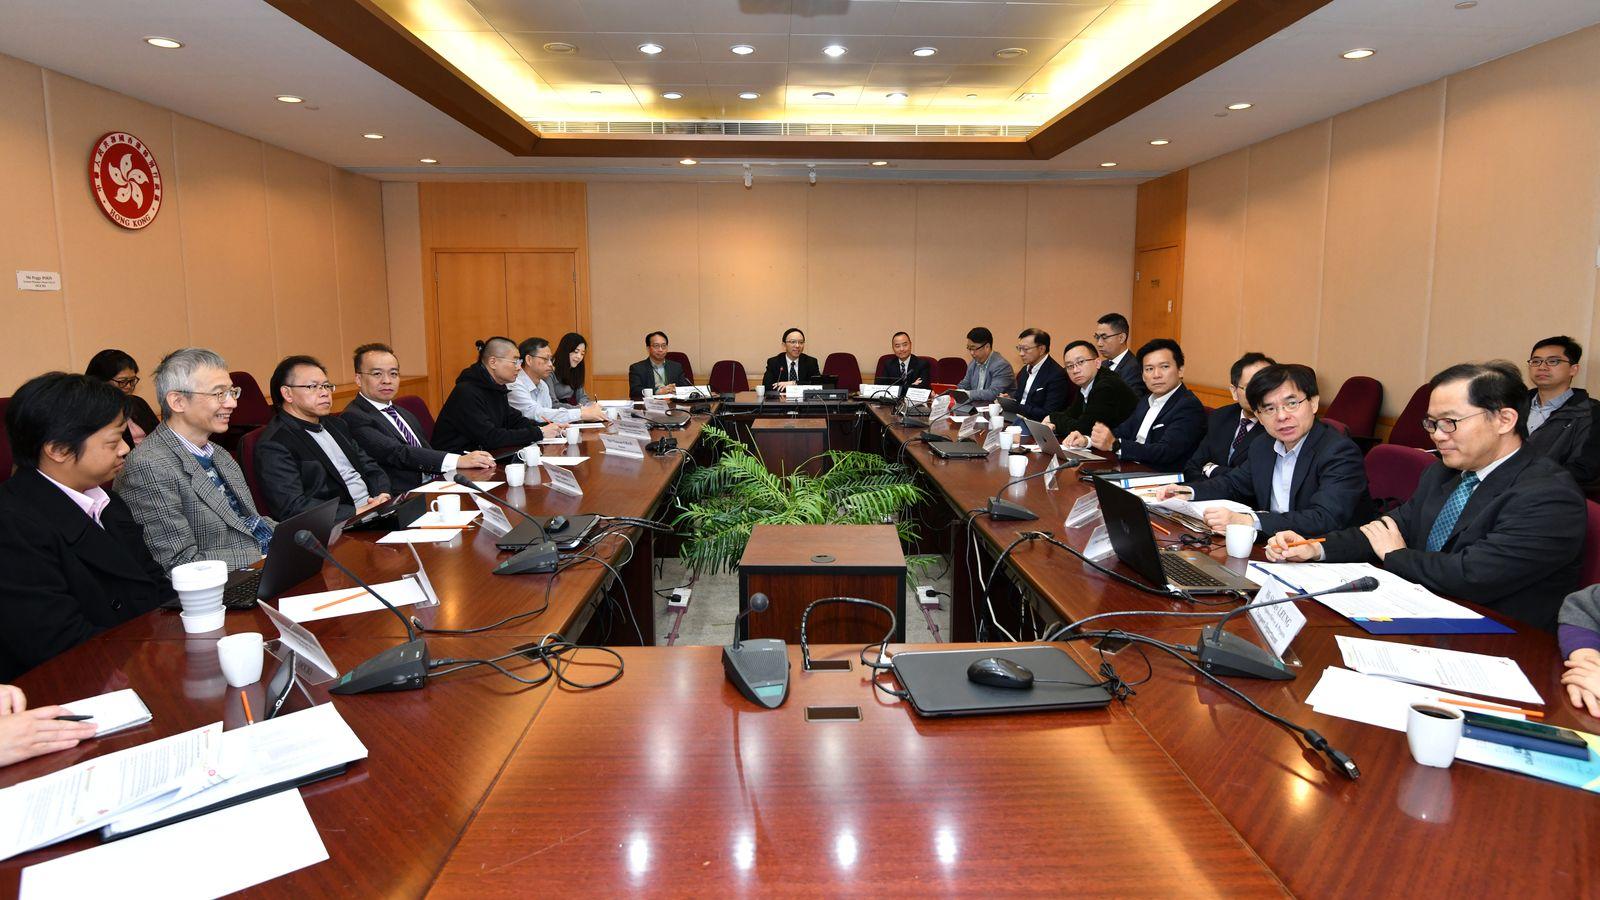 多功能智慧燈柱技術諮詢專責委員會達成共識,認同智慧燈柱計劃應繼續推行。